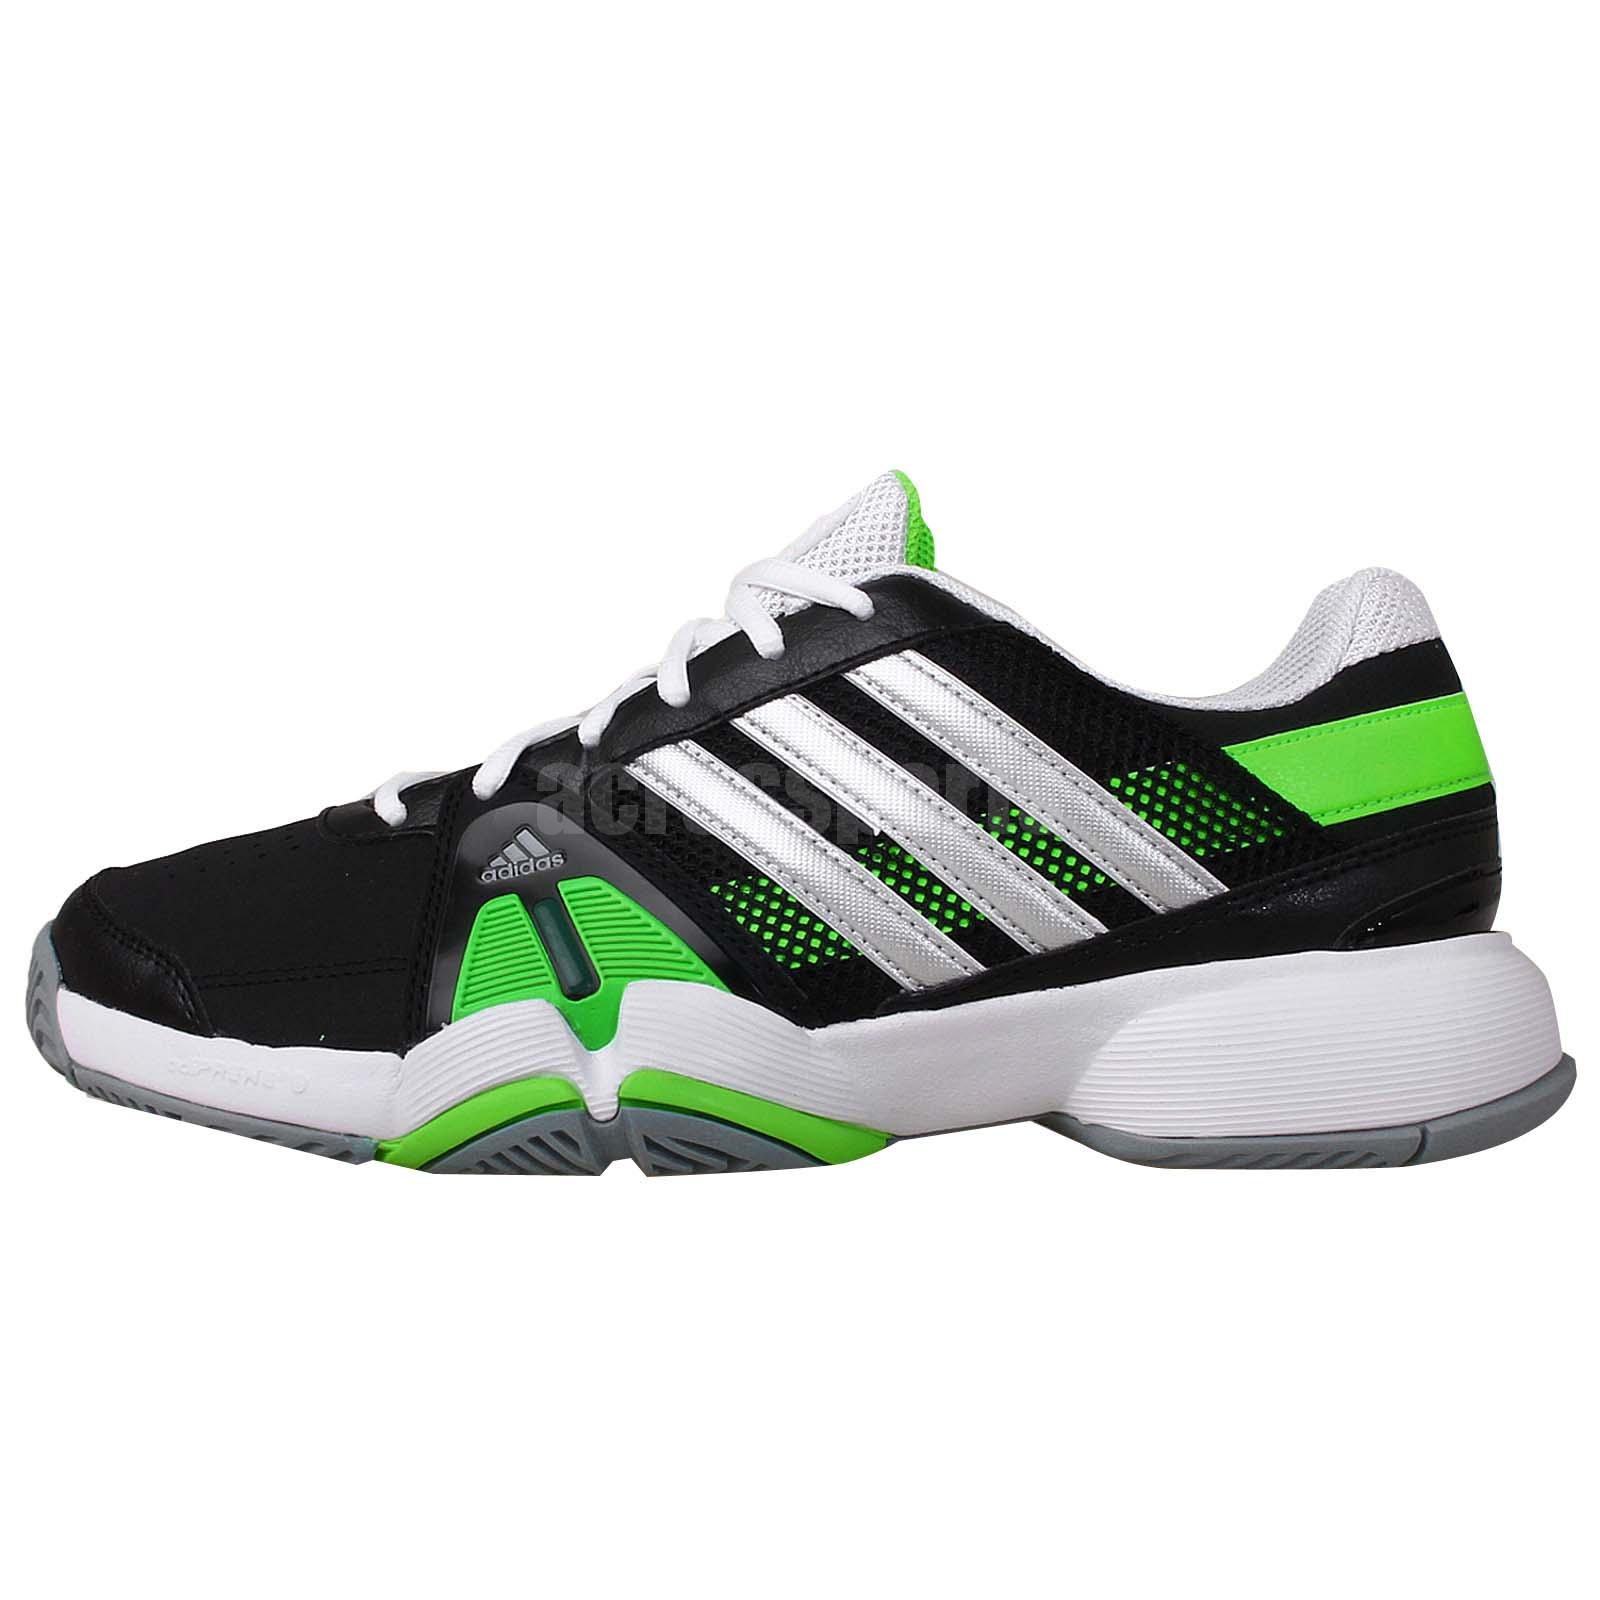 Custom Made Adidas Tennis Shoes